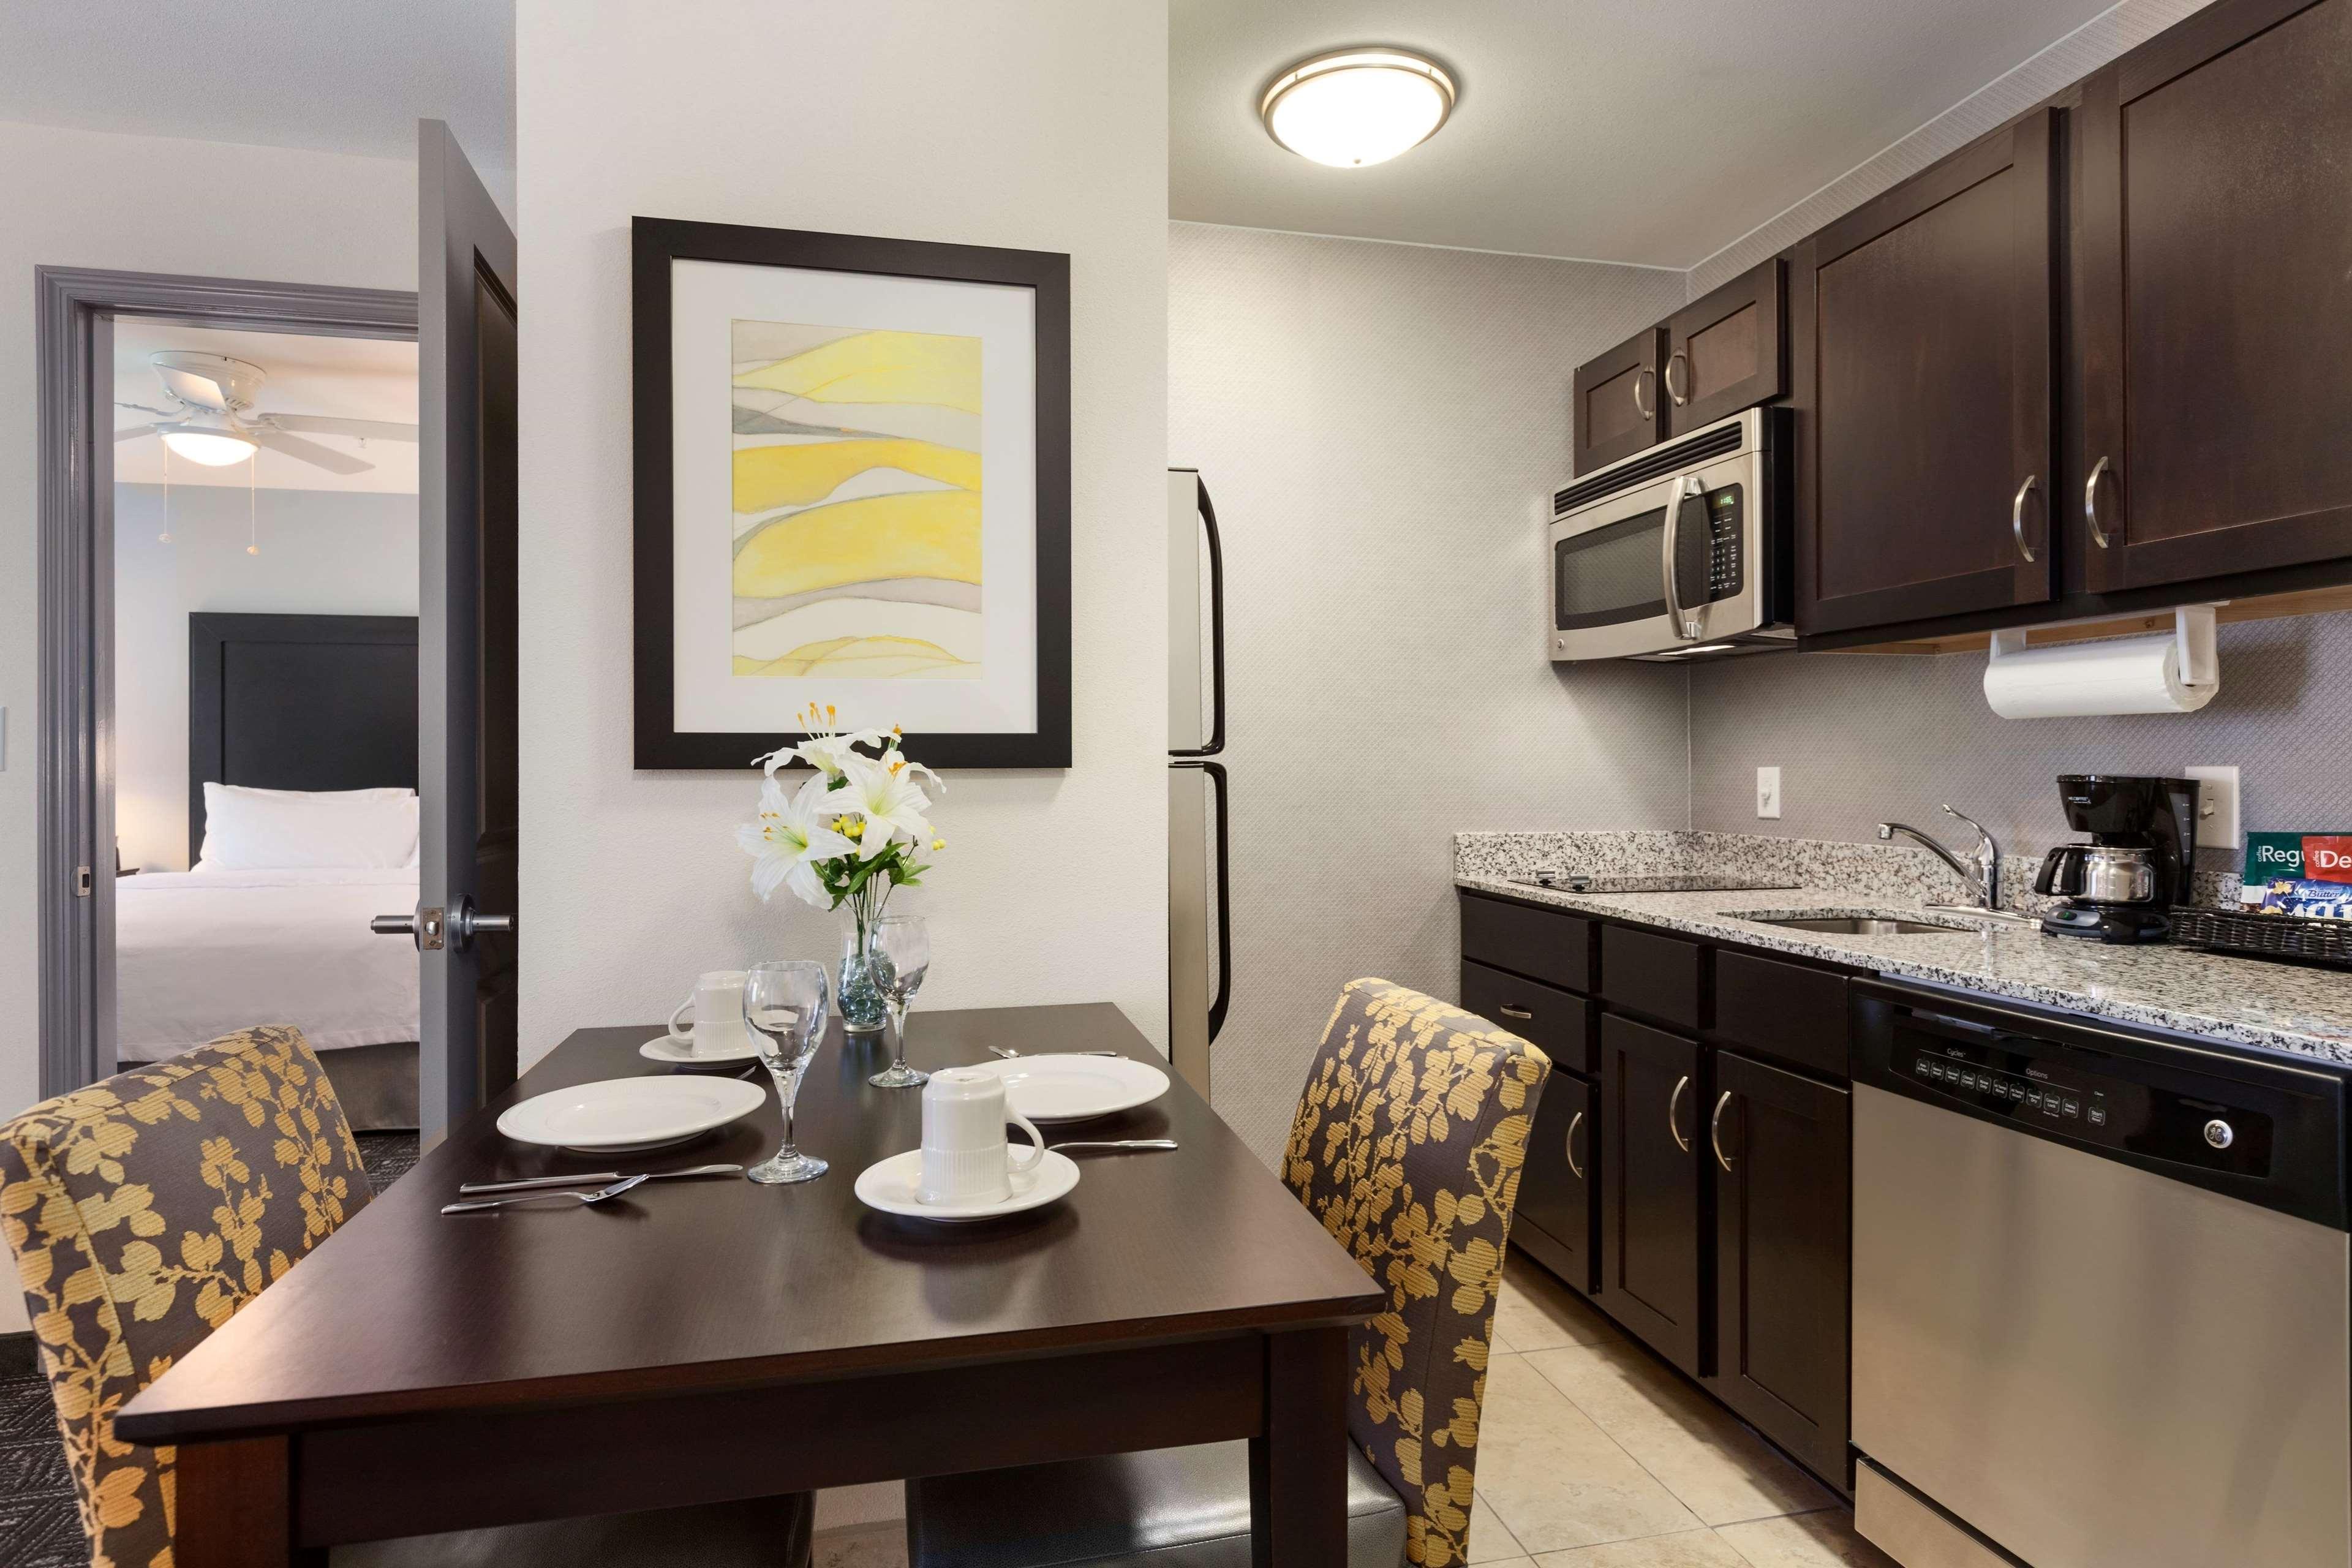 Homewood Suites by Hilton Huntsville-Downtown, AL image 13